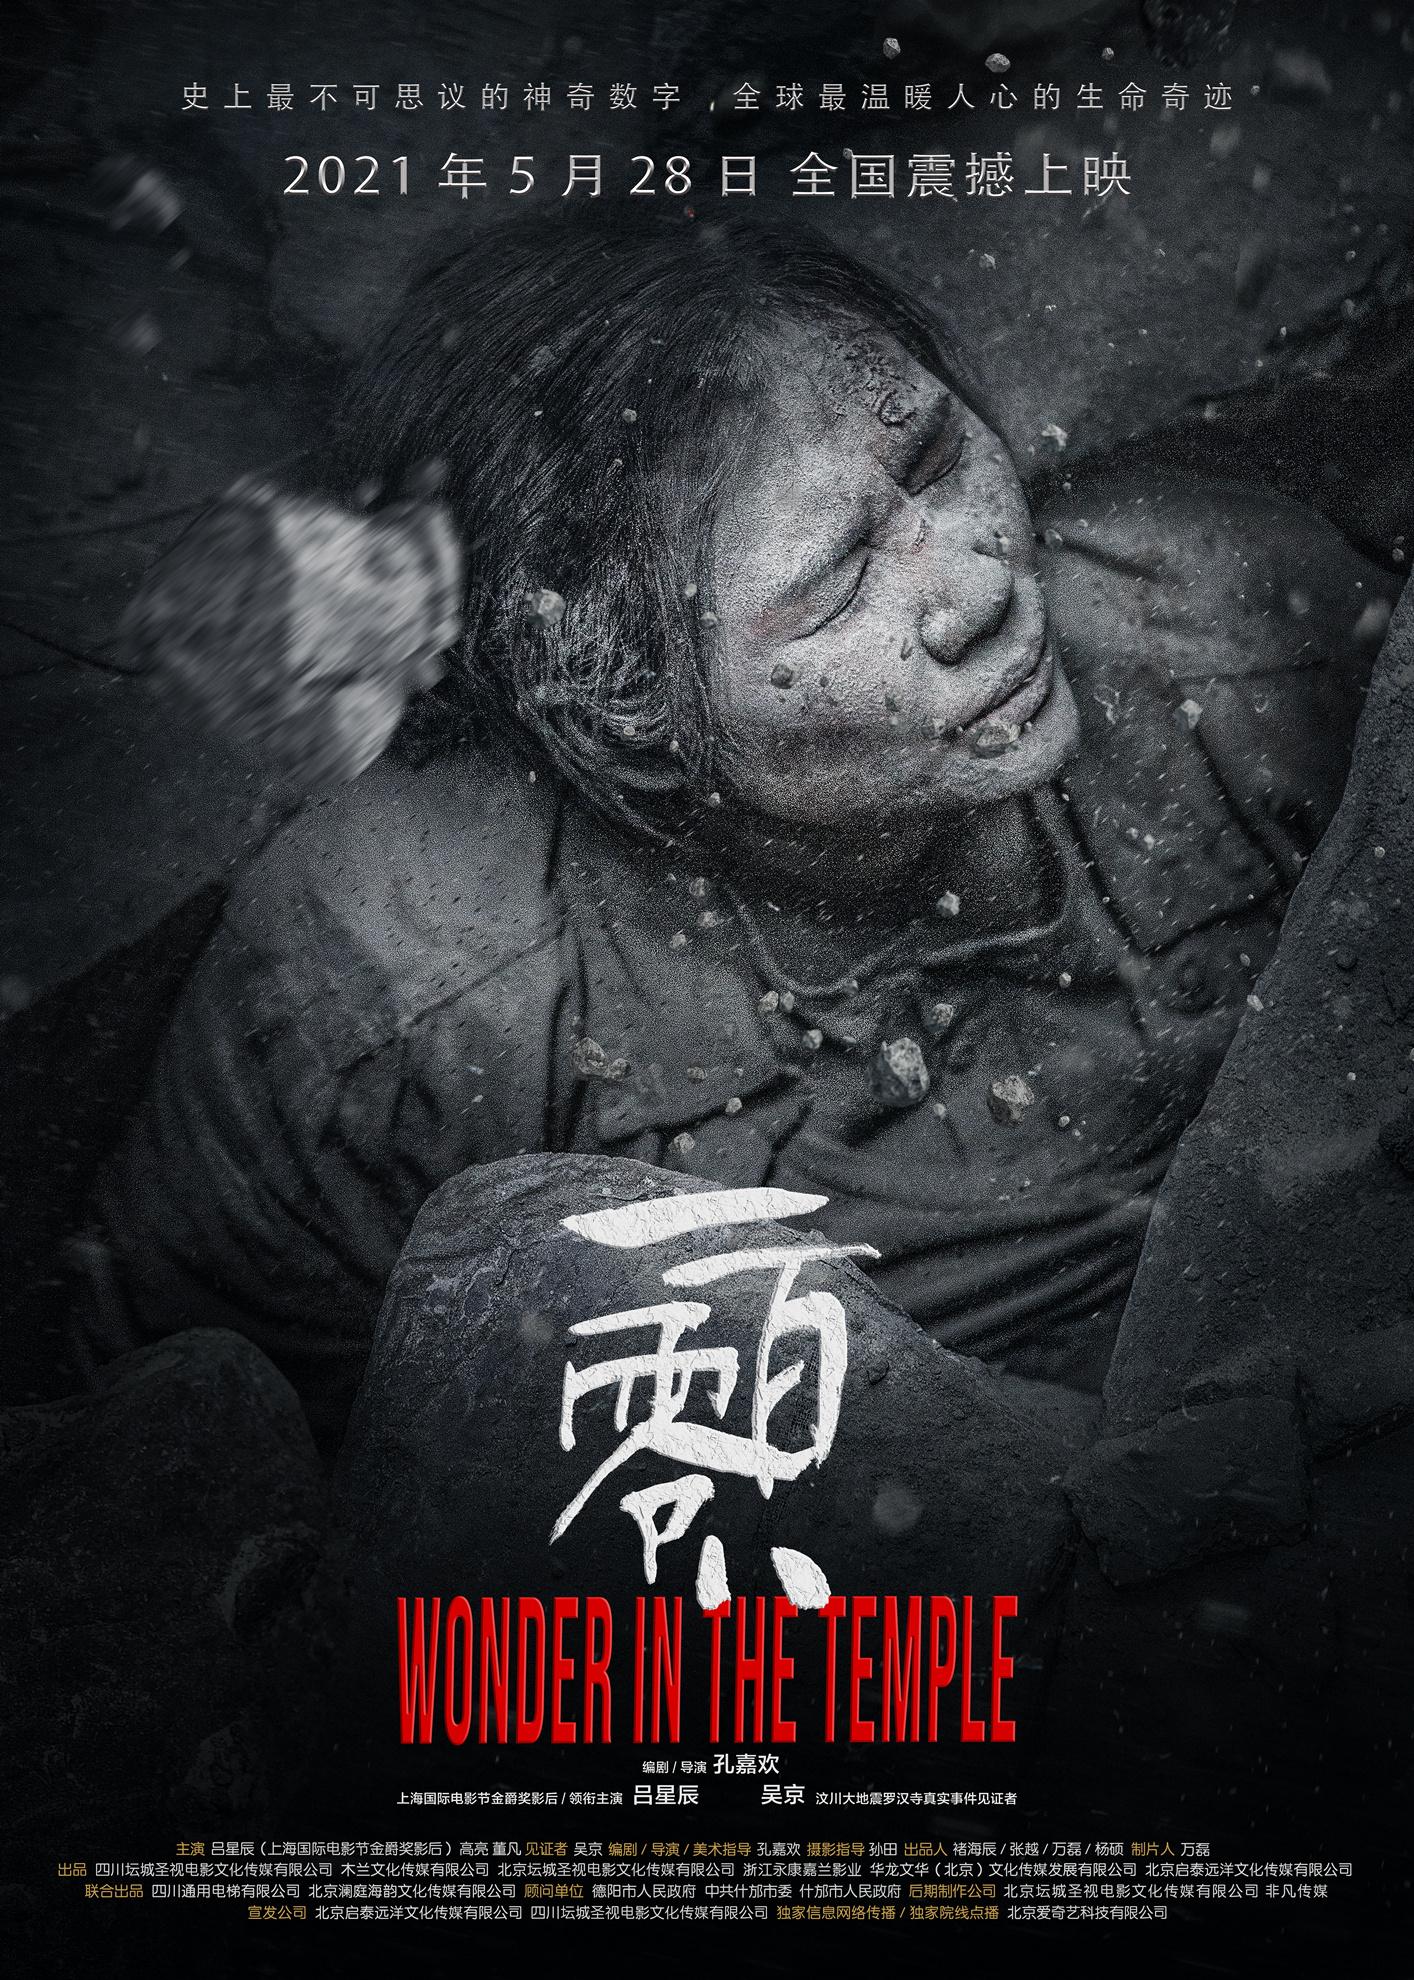 《一百零八》5.28温情献映 再现汶川地震真实事件[图